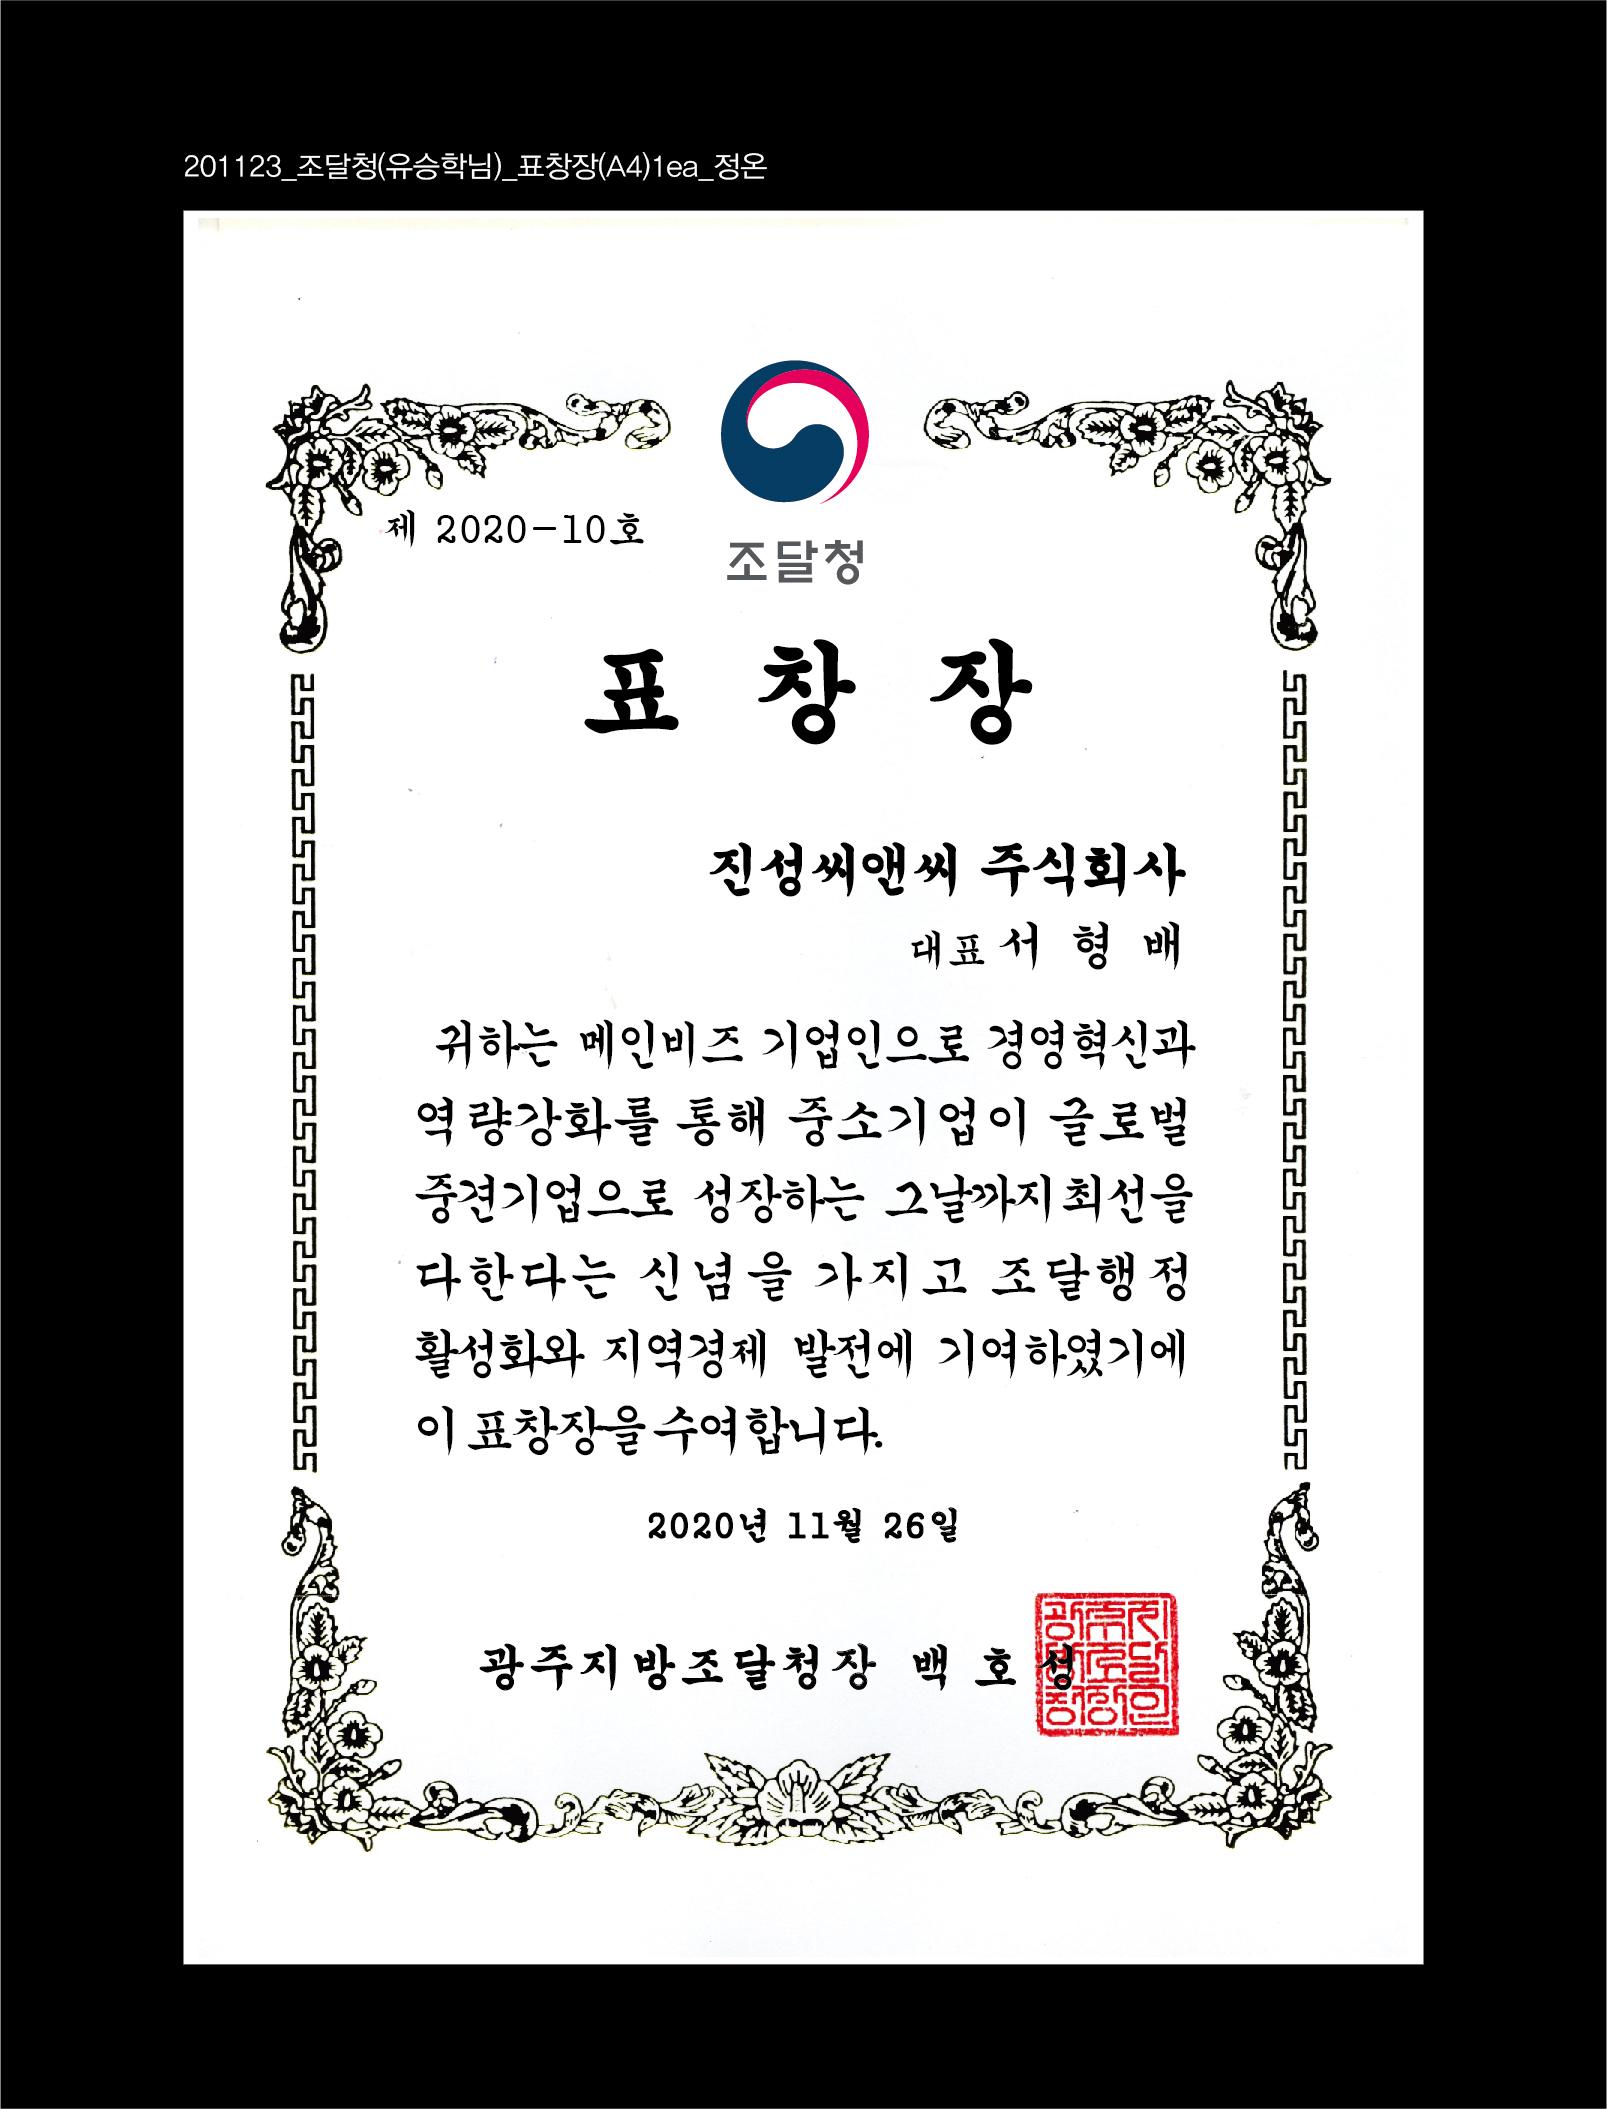 201123_조달청_표창장